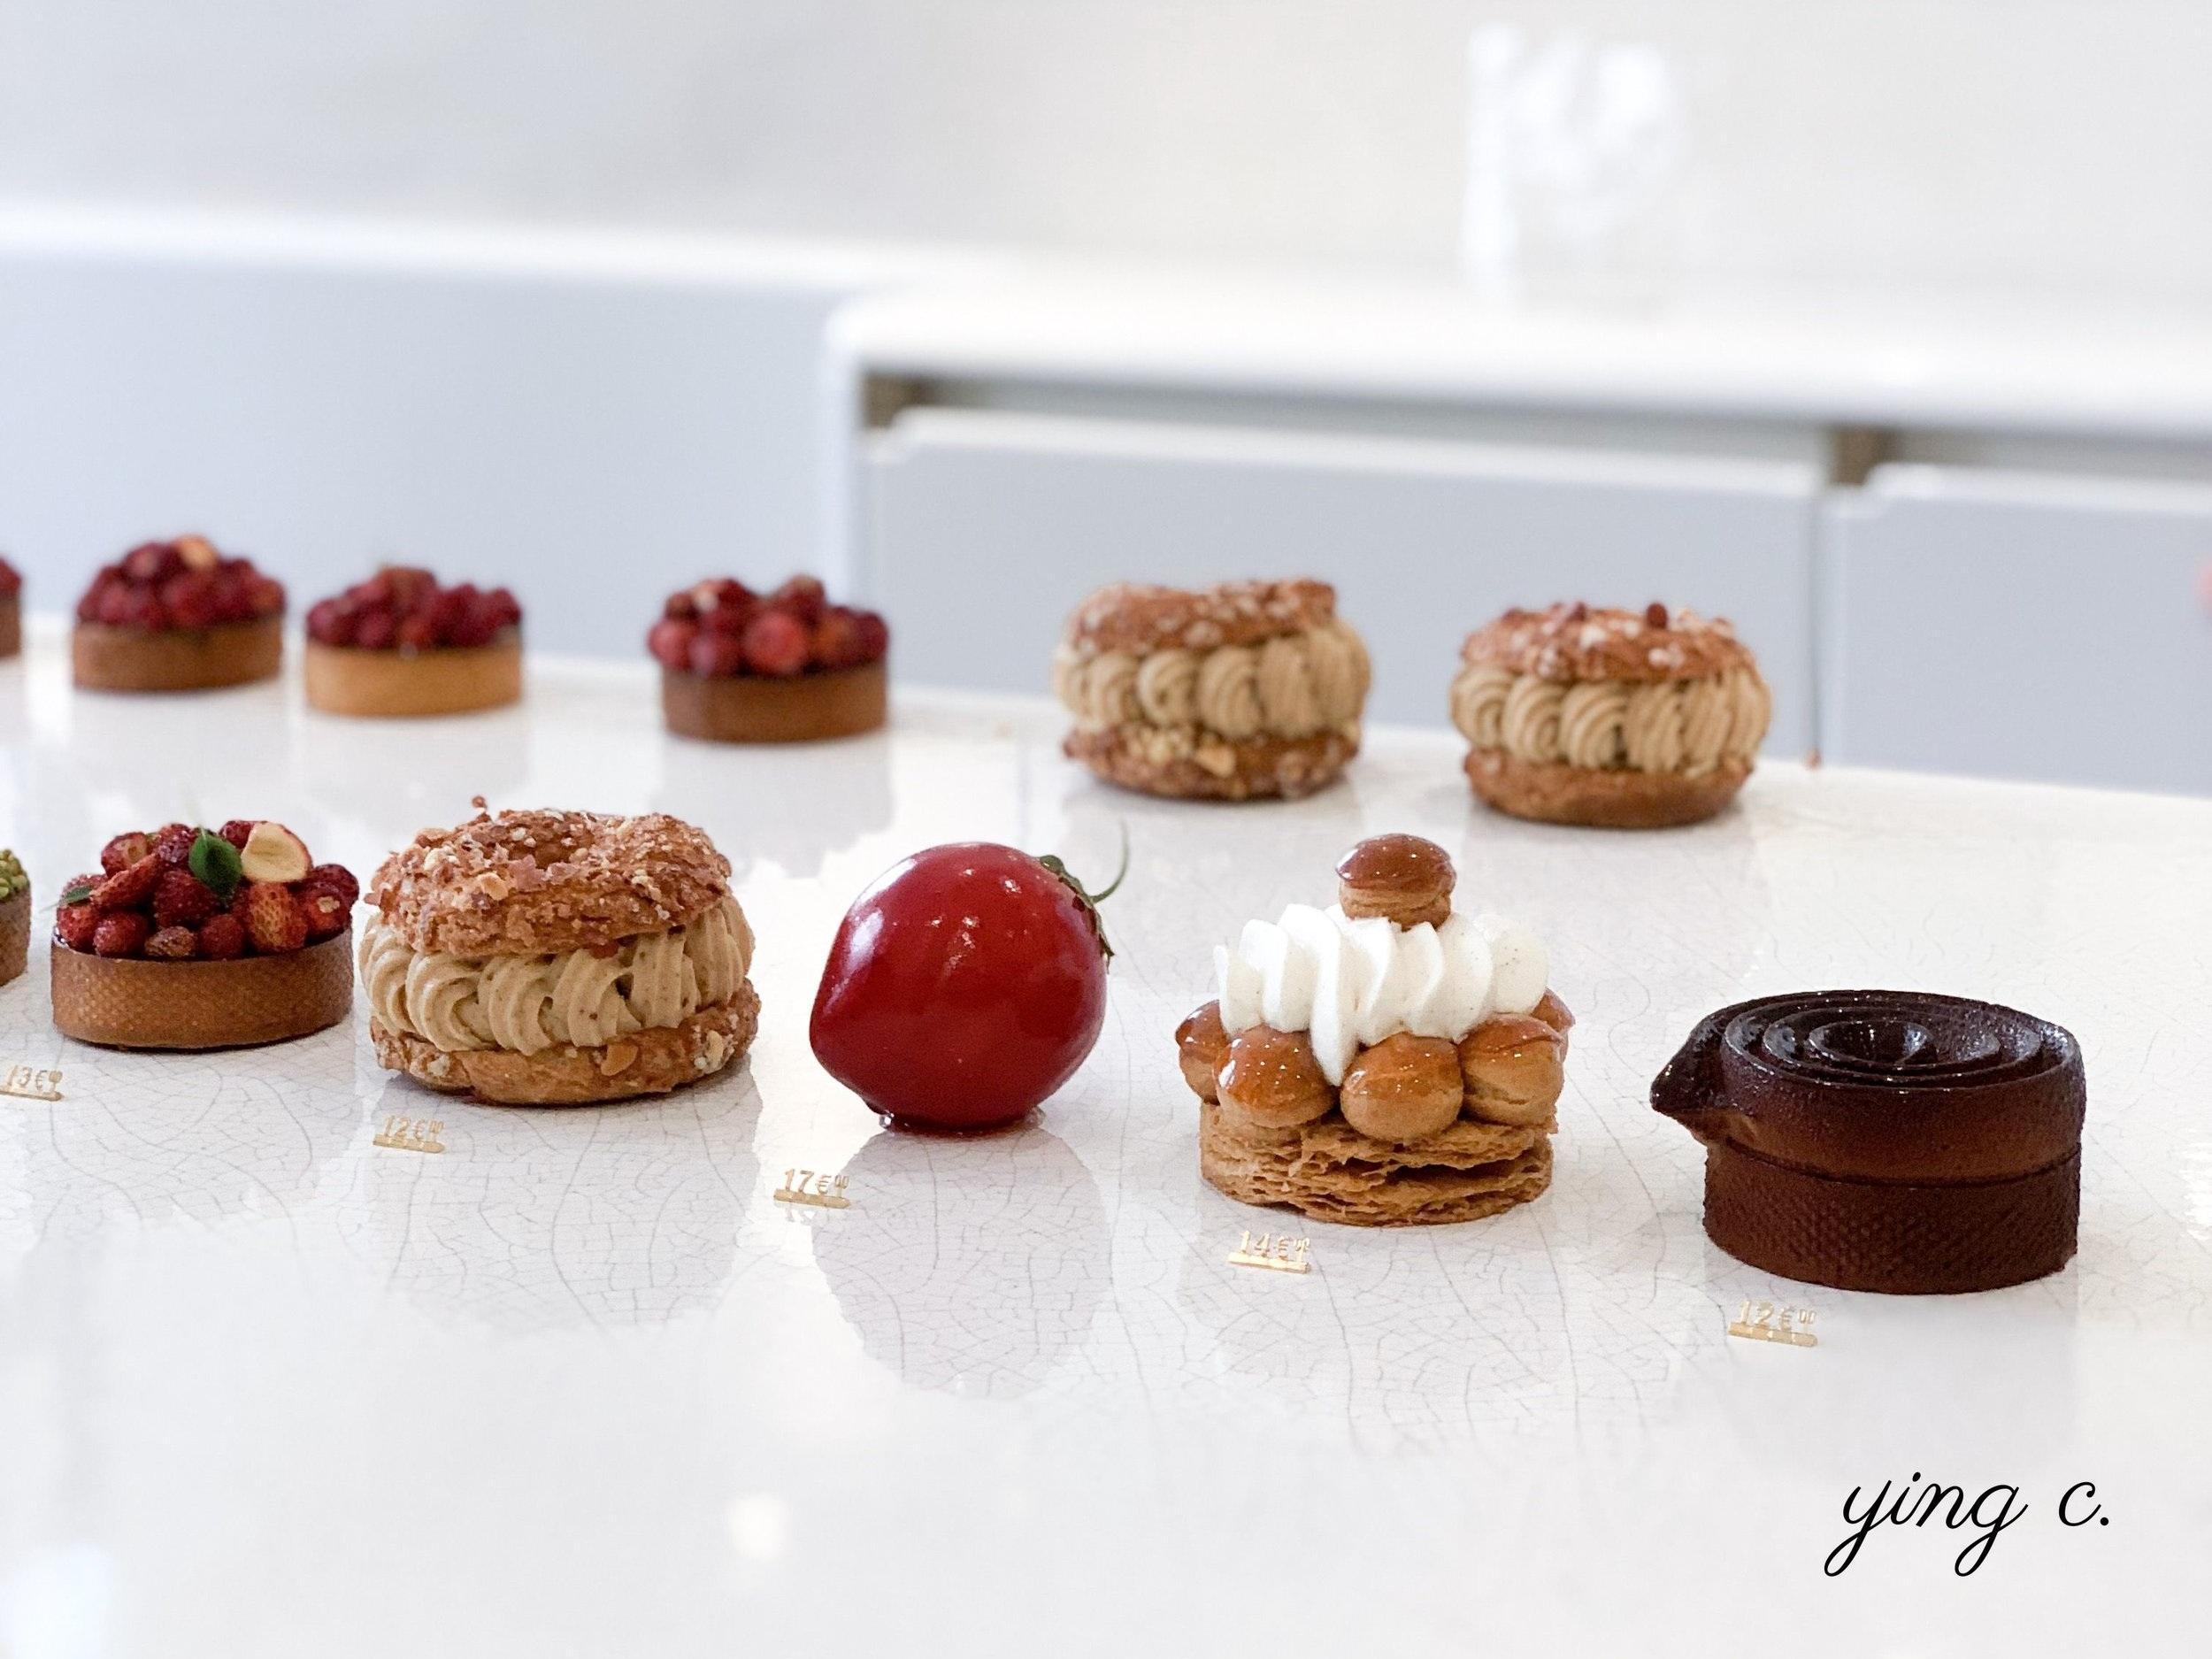 Cédric Grolet 主廚的甜點店 2019 年 5 月販賣的作品,中間是水果雕塑「草莓 2.0」。